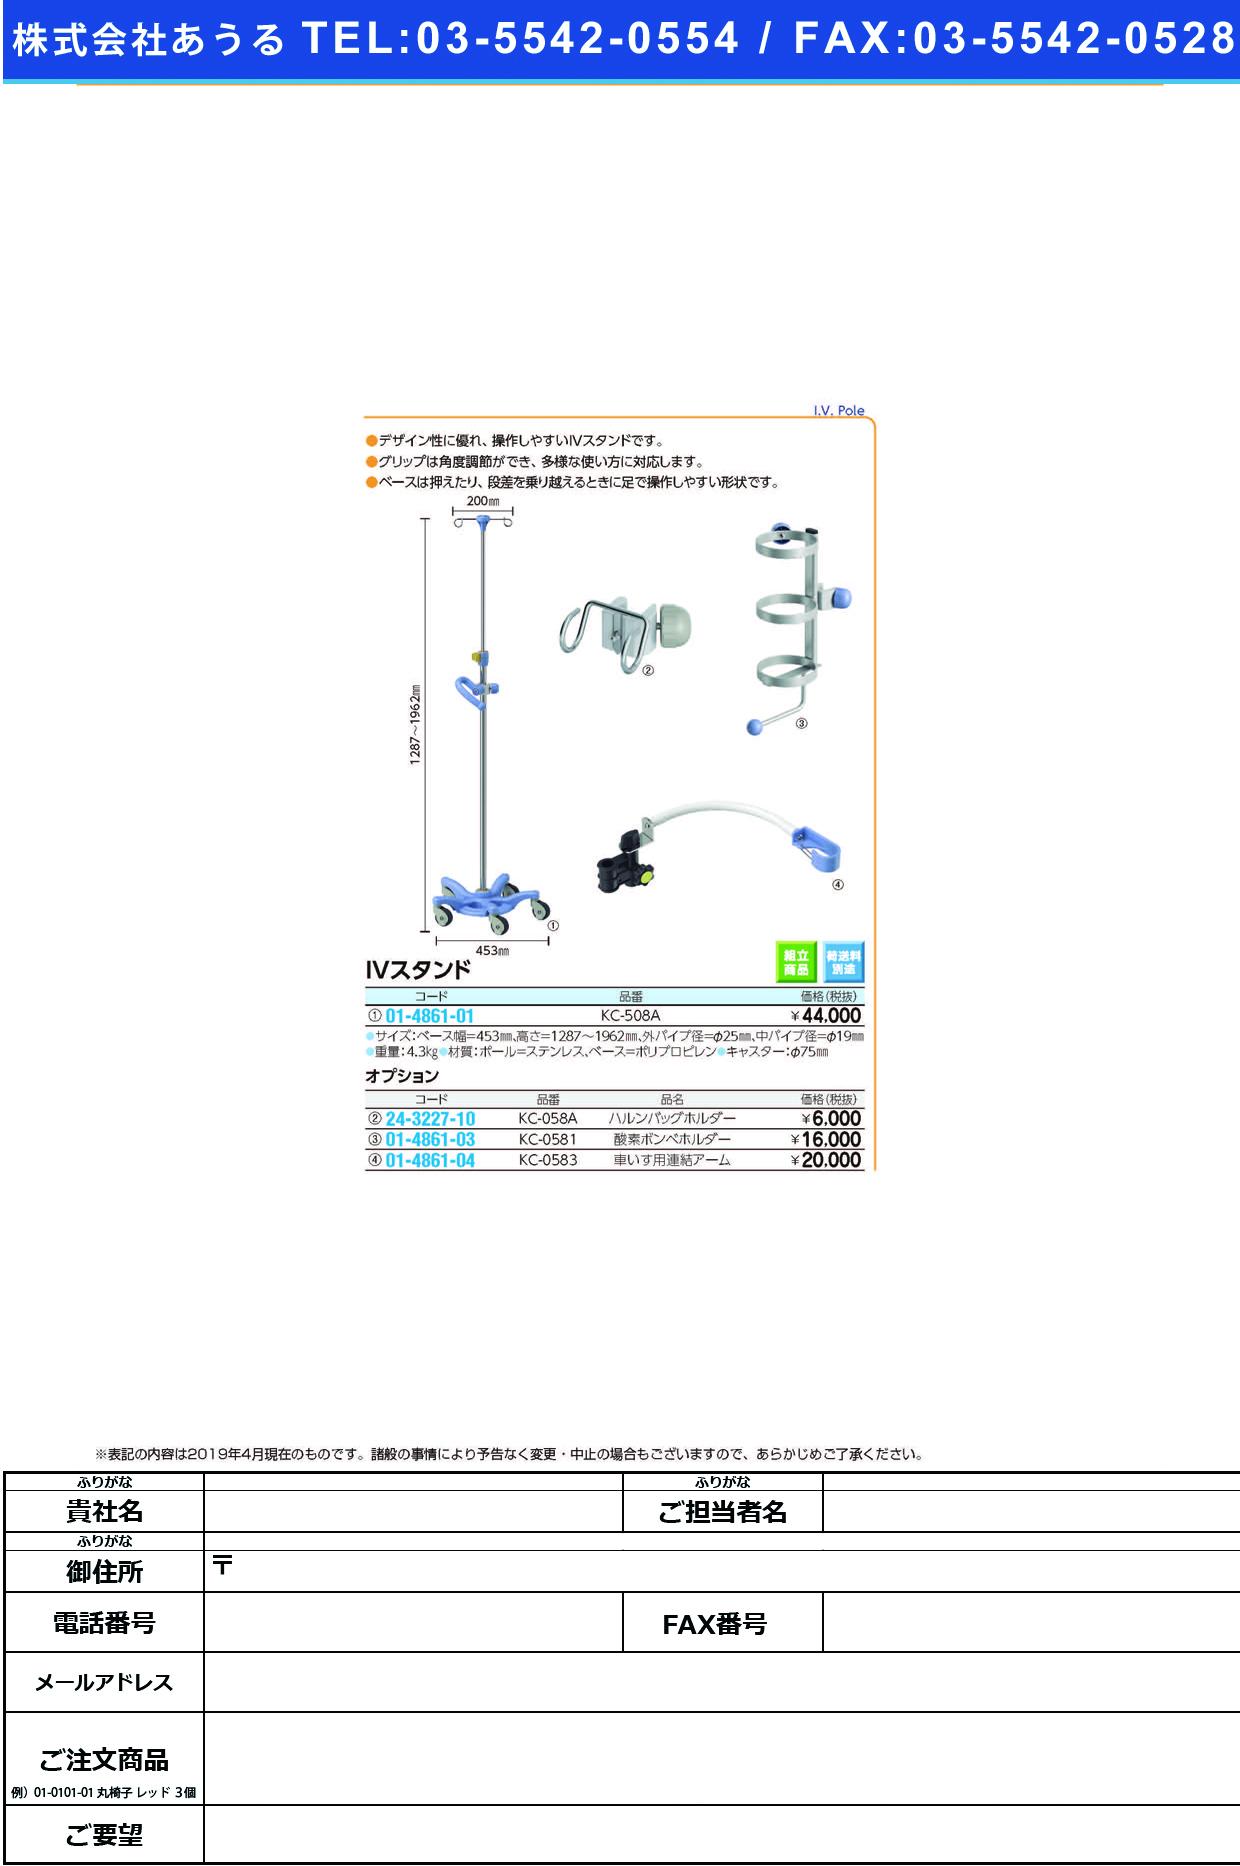 (01-4861-01)IVスタンド(点滴スタンド) KC-508A IVスタンド(テンテキスタンド)(パラマウントベッド)【1台単位】【2019年カタログ商品】